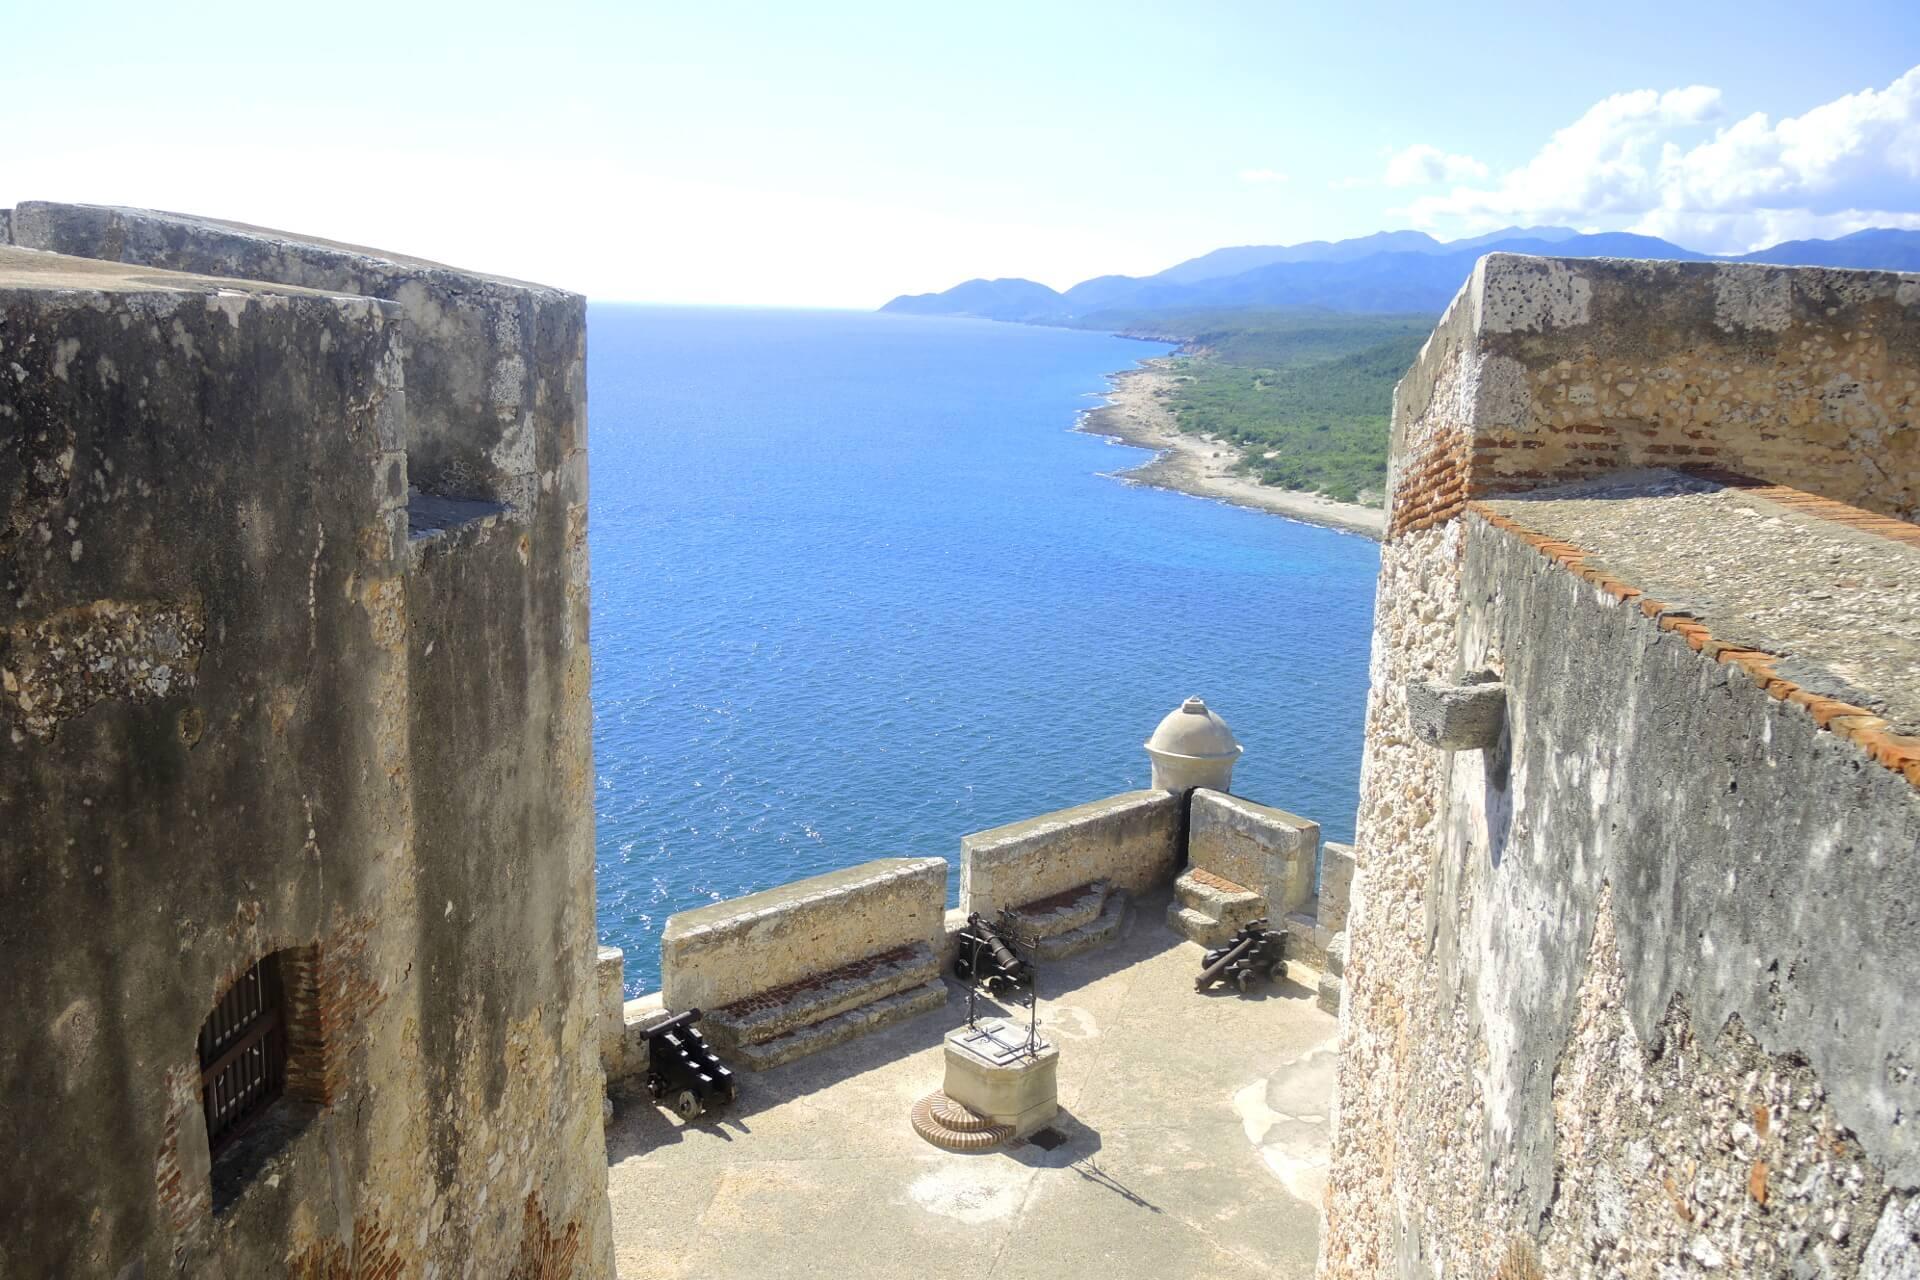 Kuba Sehenswürdigkeiten Top 10 - Havanna bis Santiago de Cuba